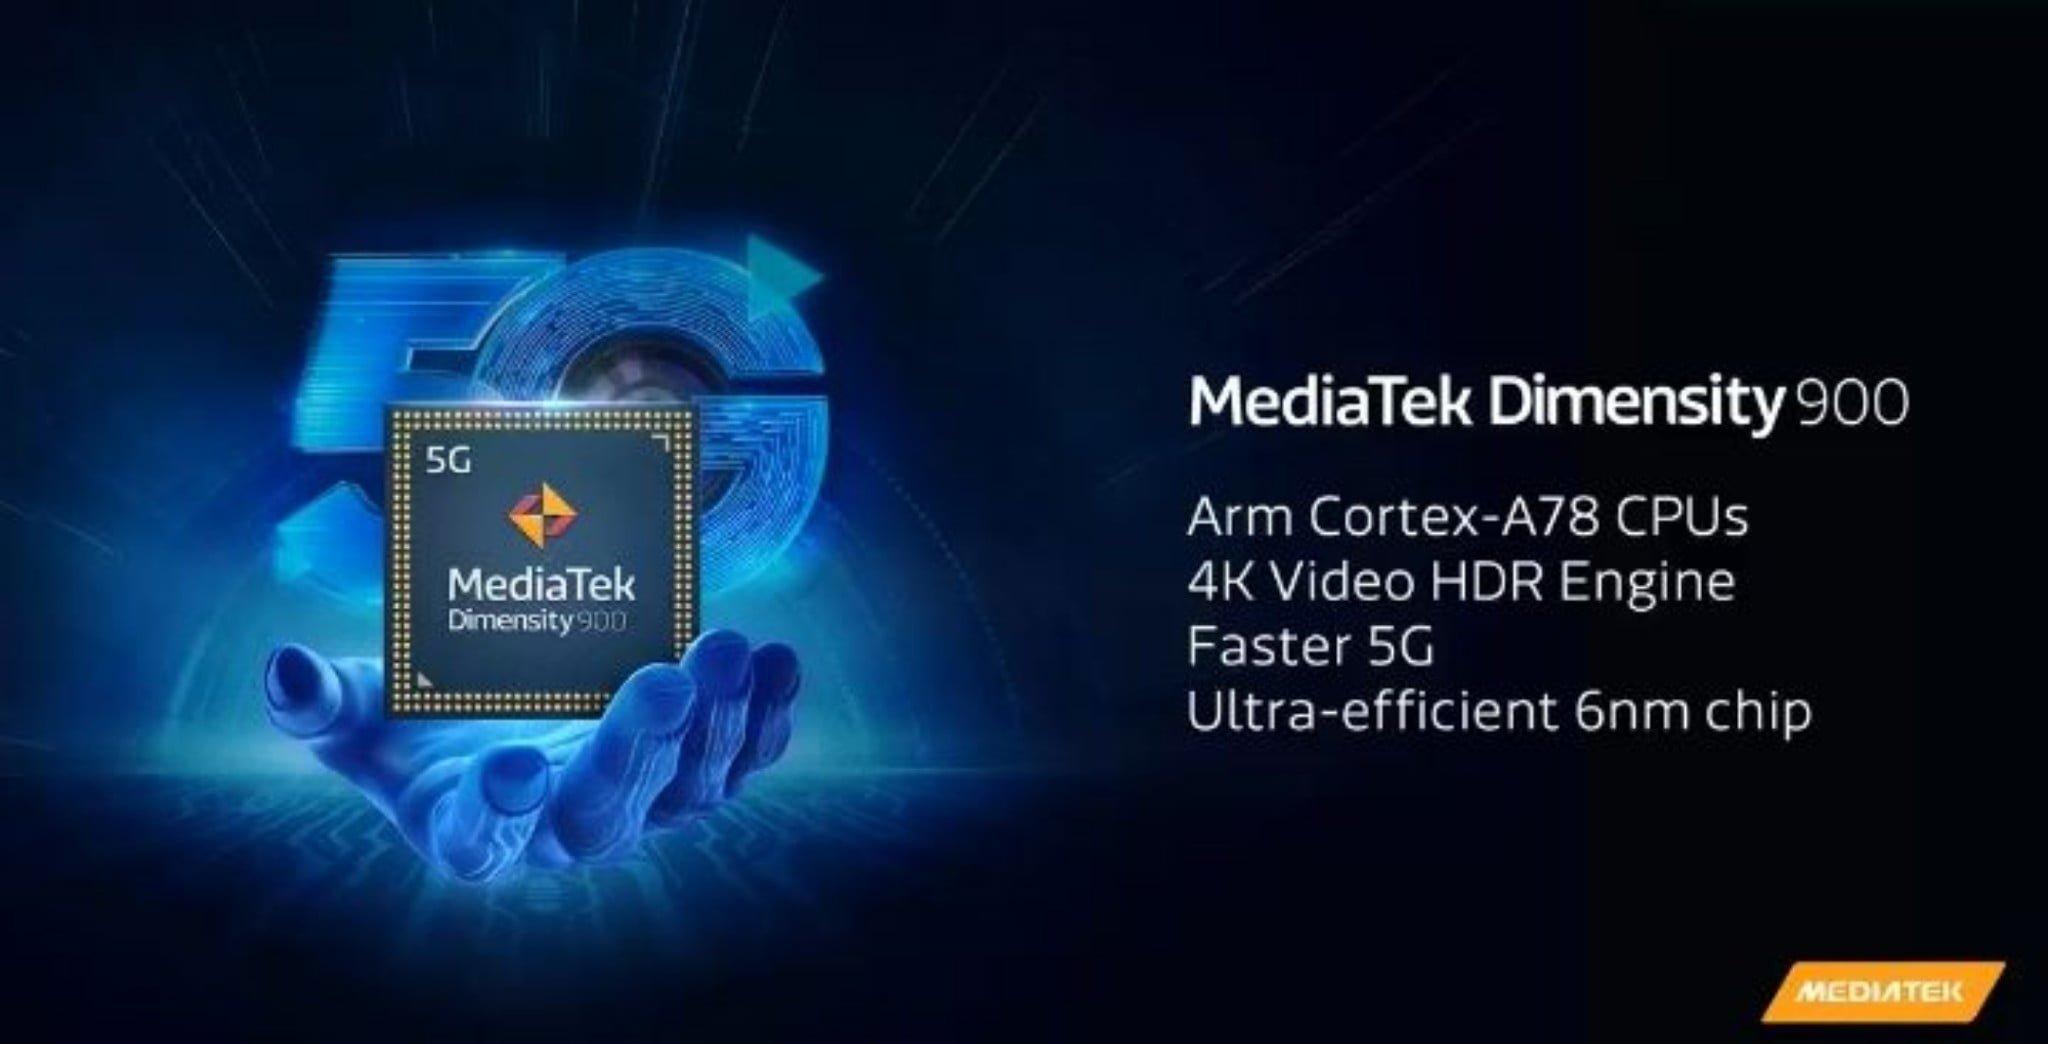 MediaTekDimensity9005G